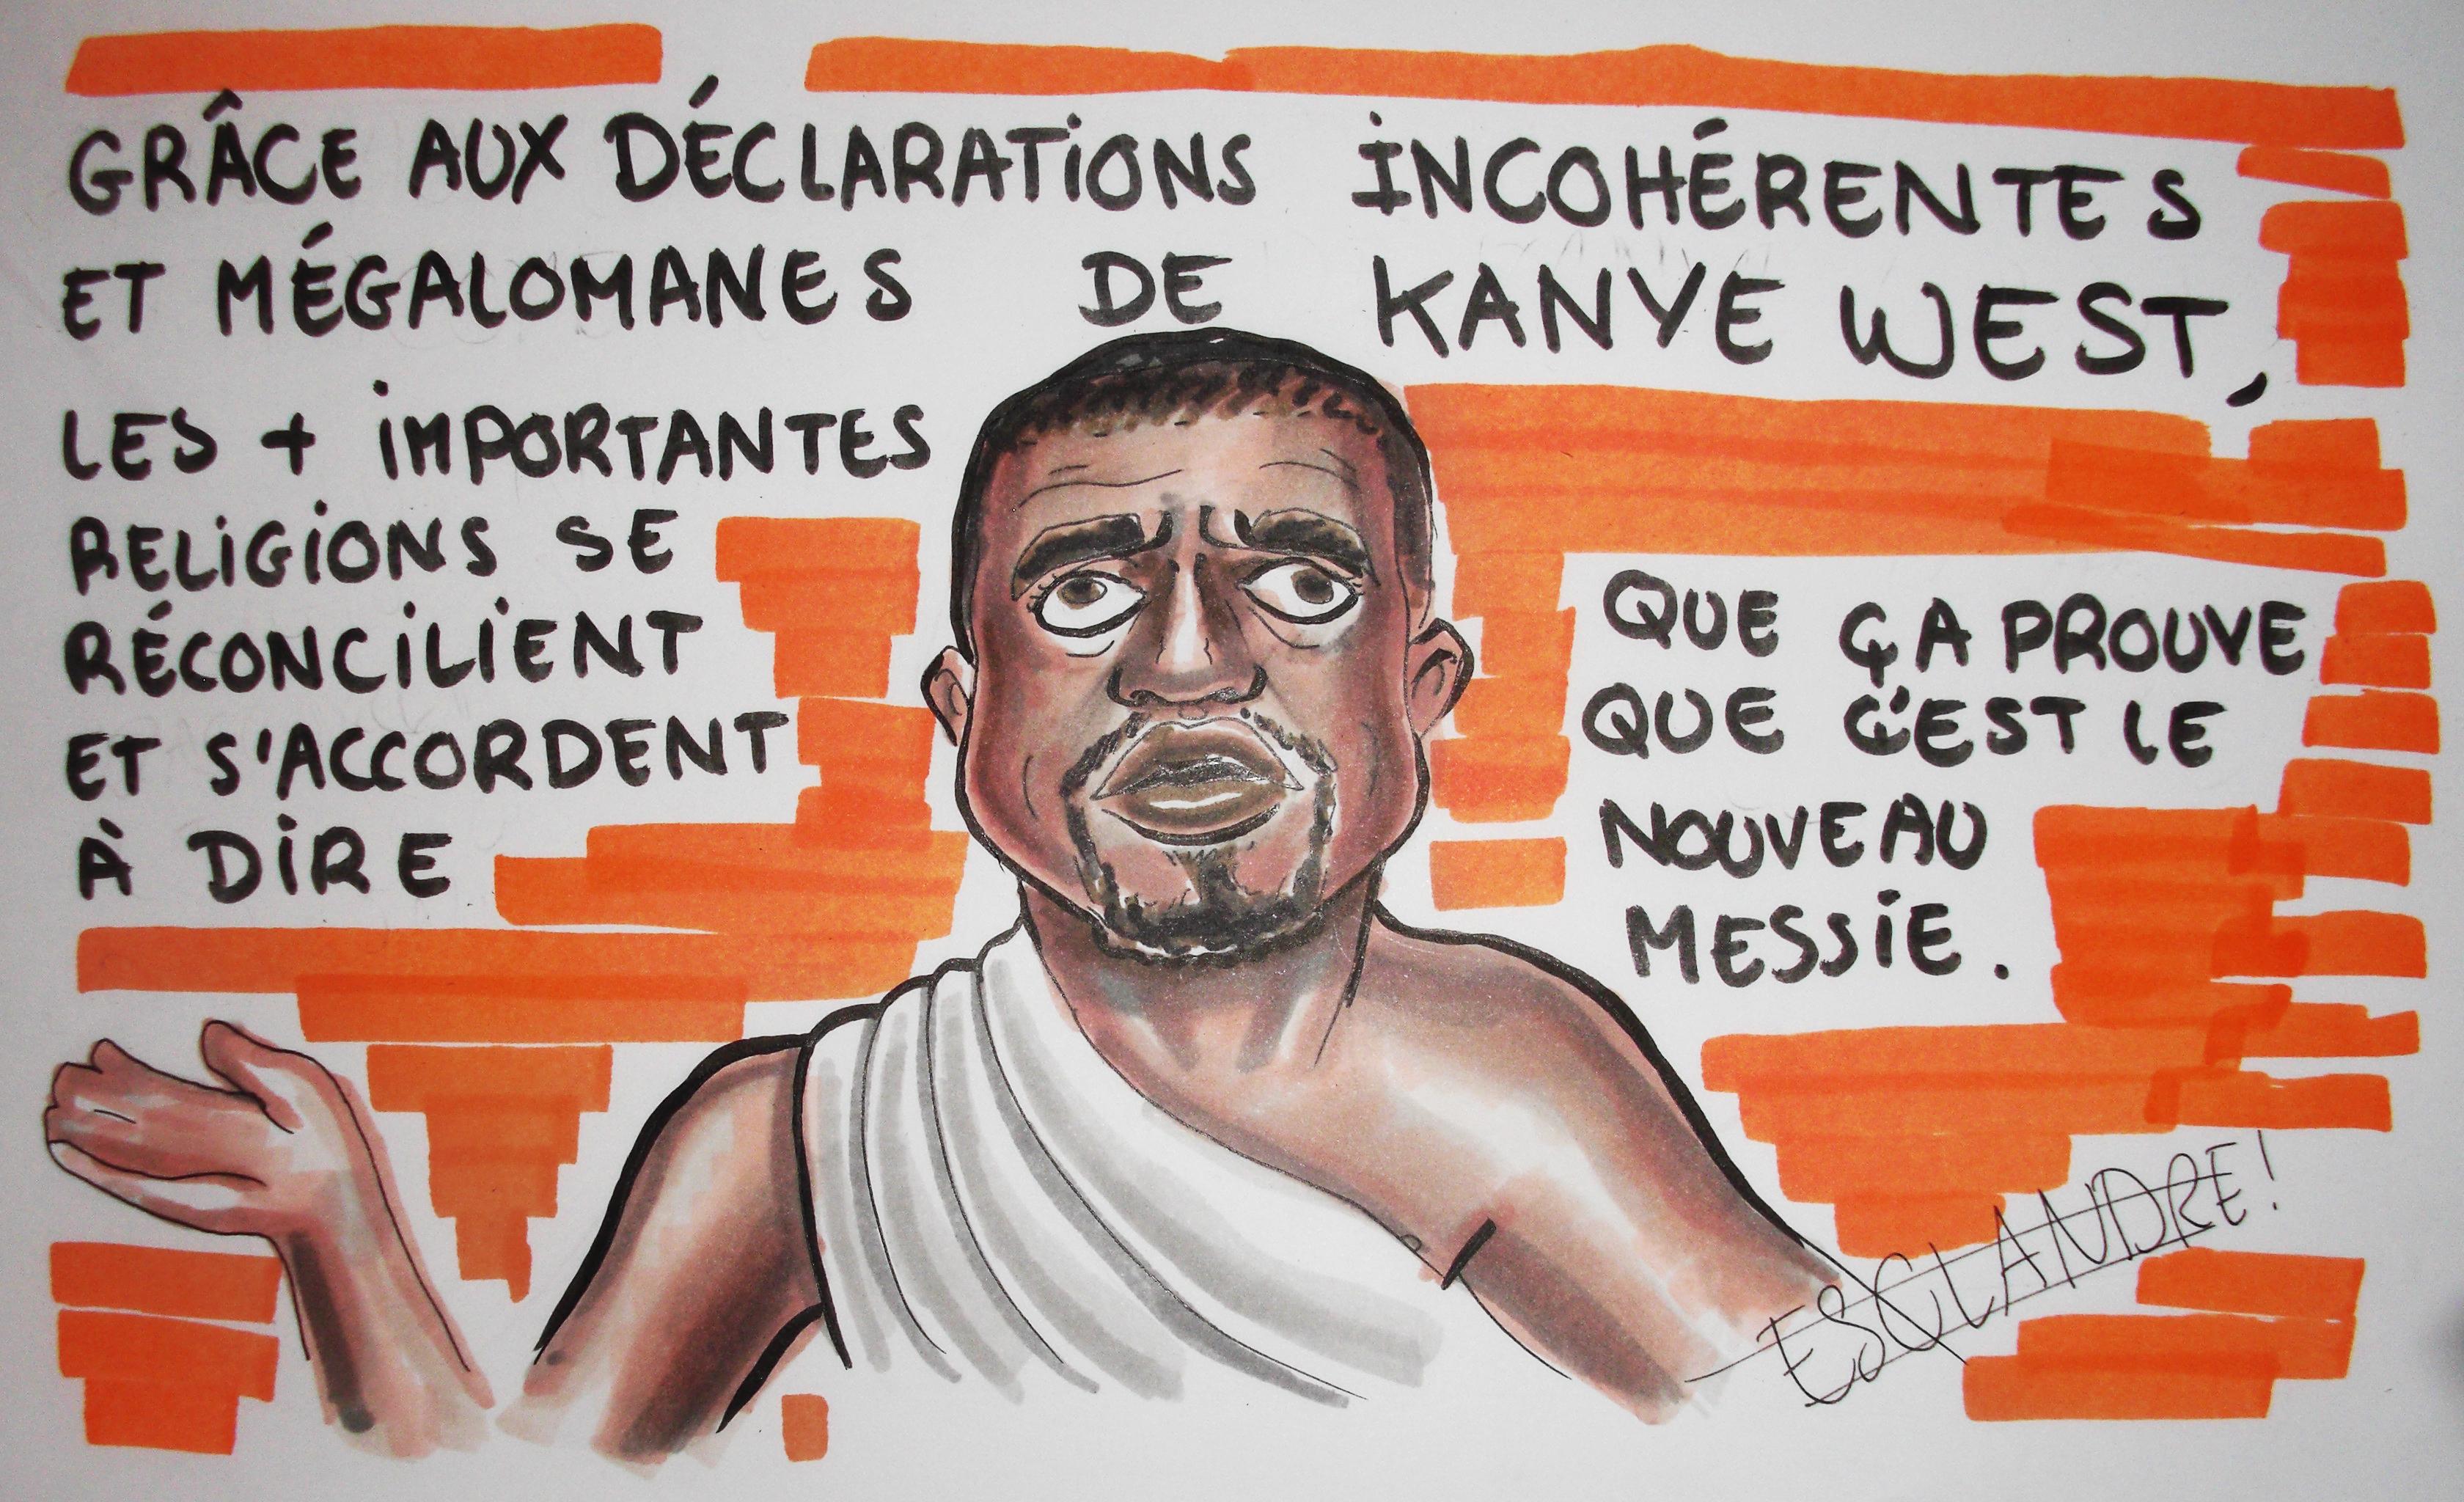 Les déclarations de Kanye WEST réconcilient enfin les religions